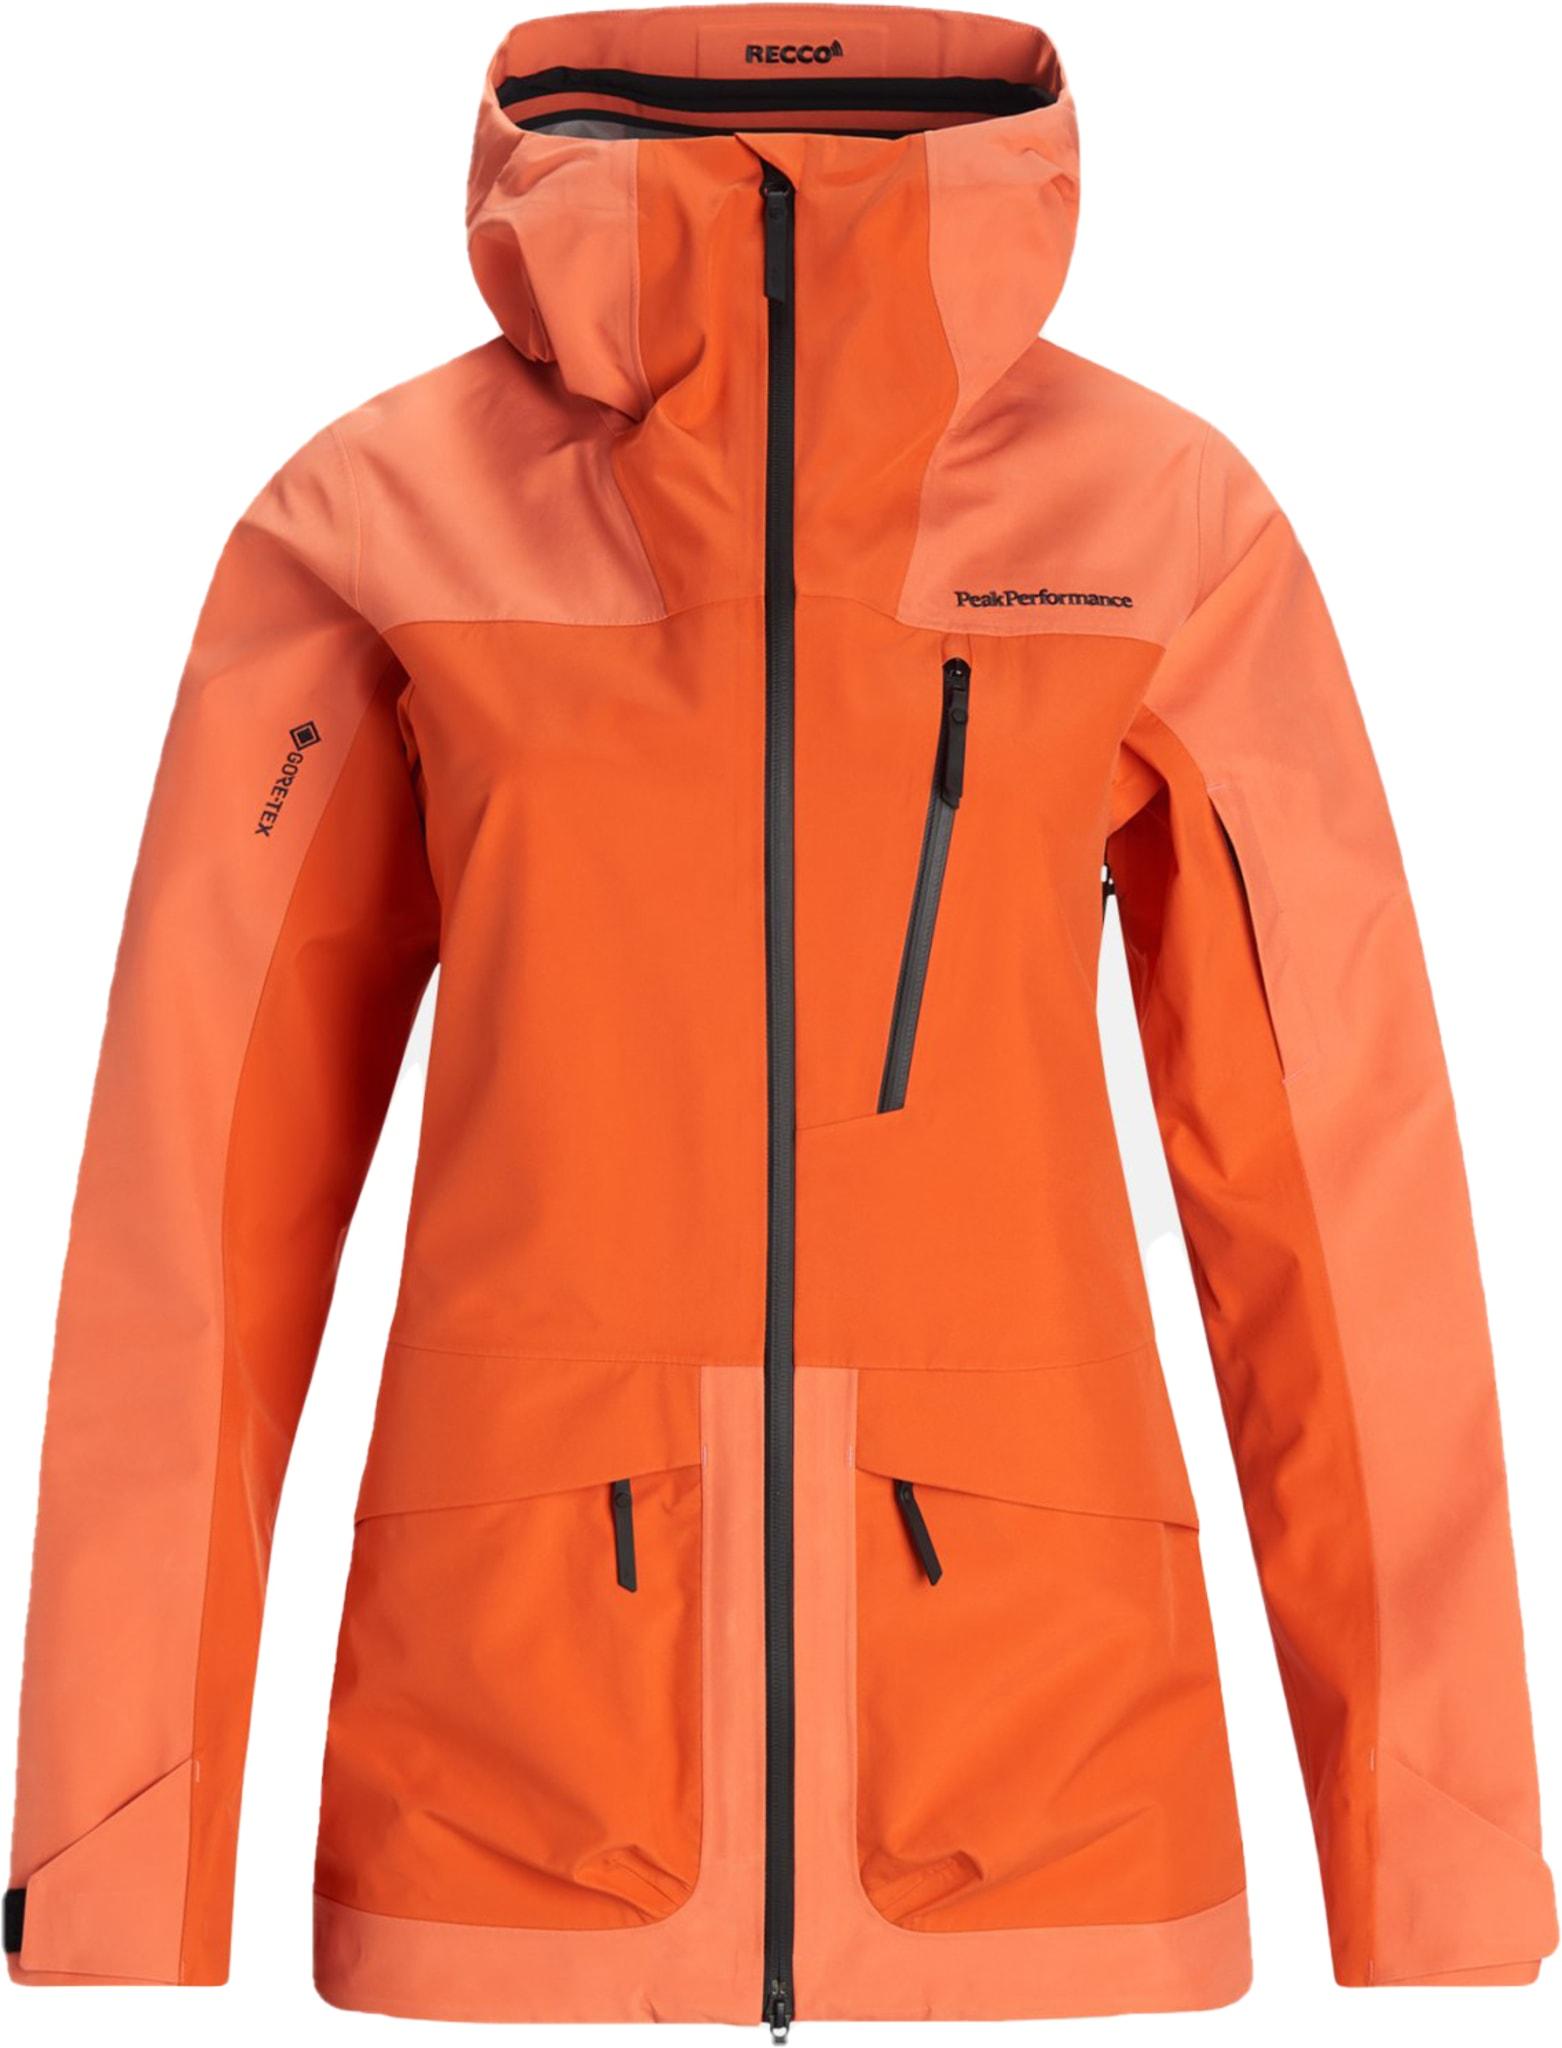 Skijakke med GORE-TEX 3L som gir maksimal beskyttelse mot vær og vind